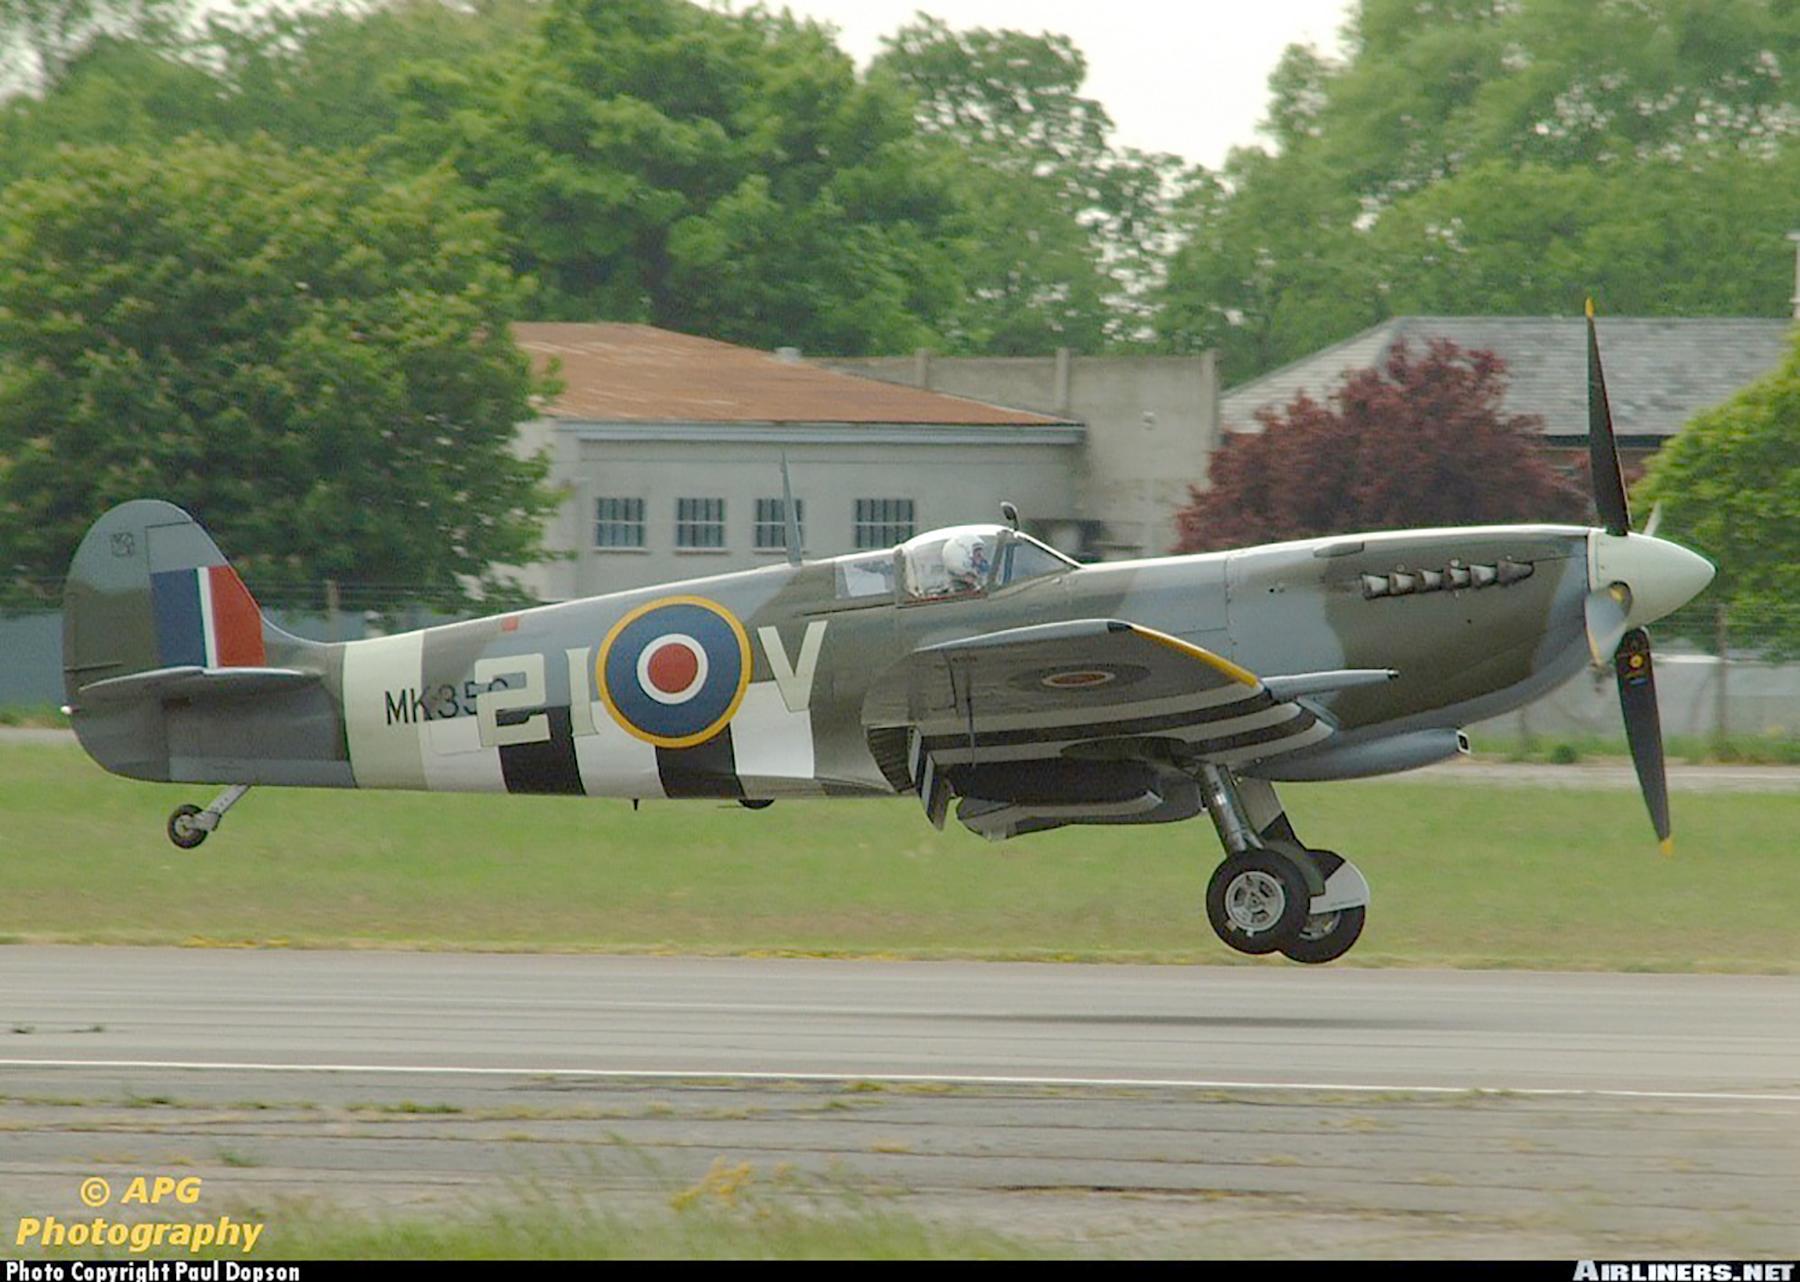 Airworthy Spitfire warbird MkIXe RCAF 443Sqn 2IV MK356 17